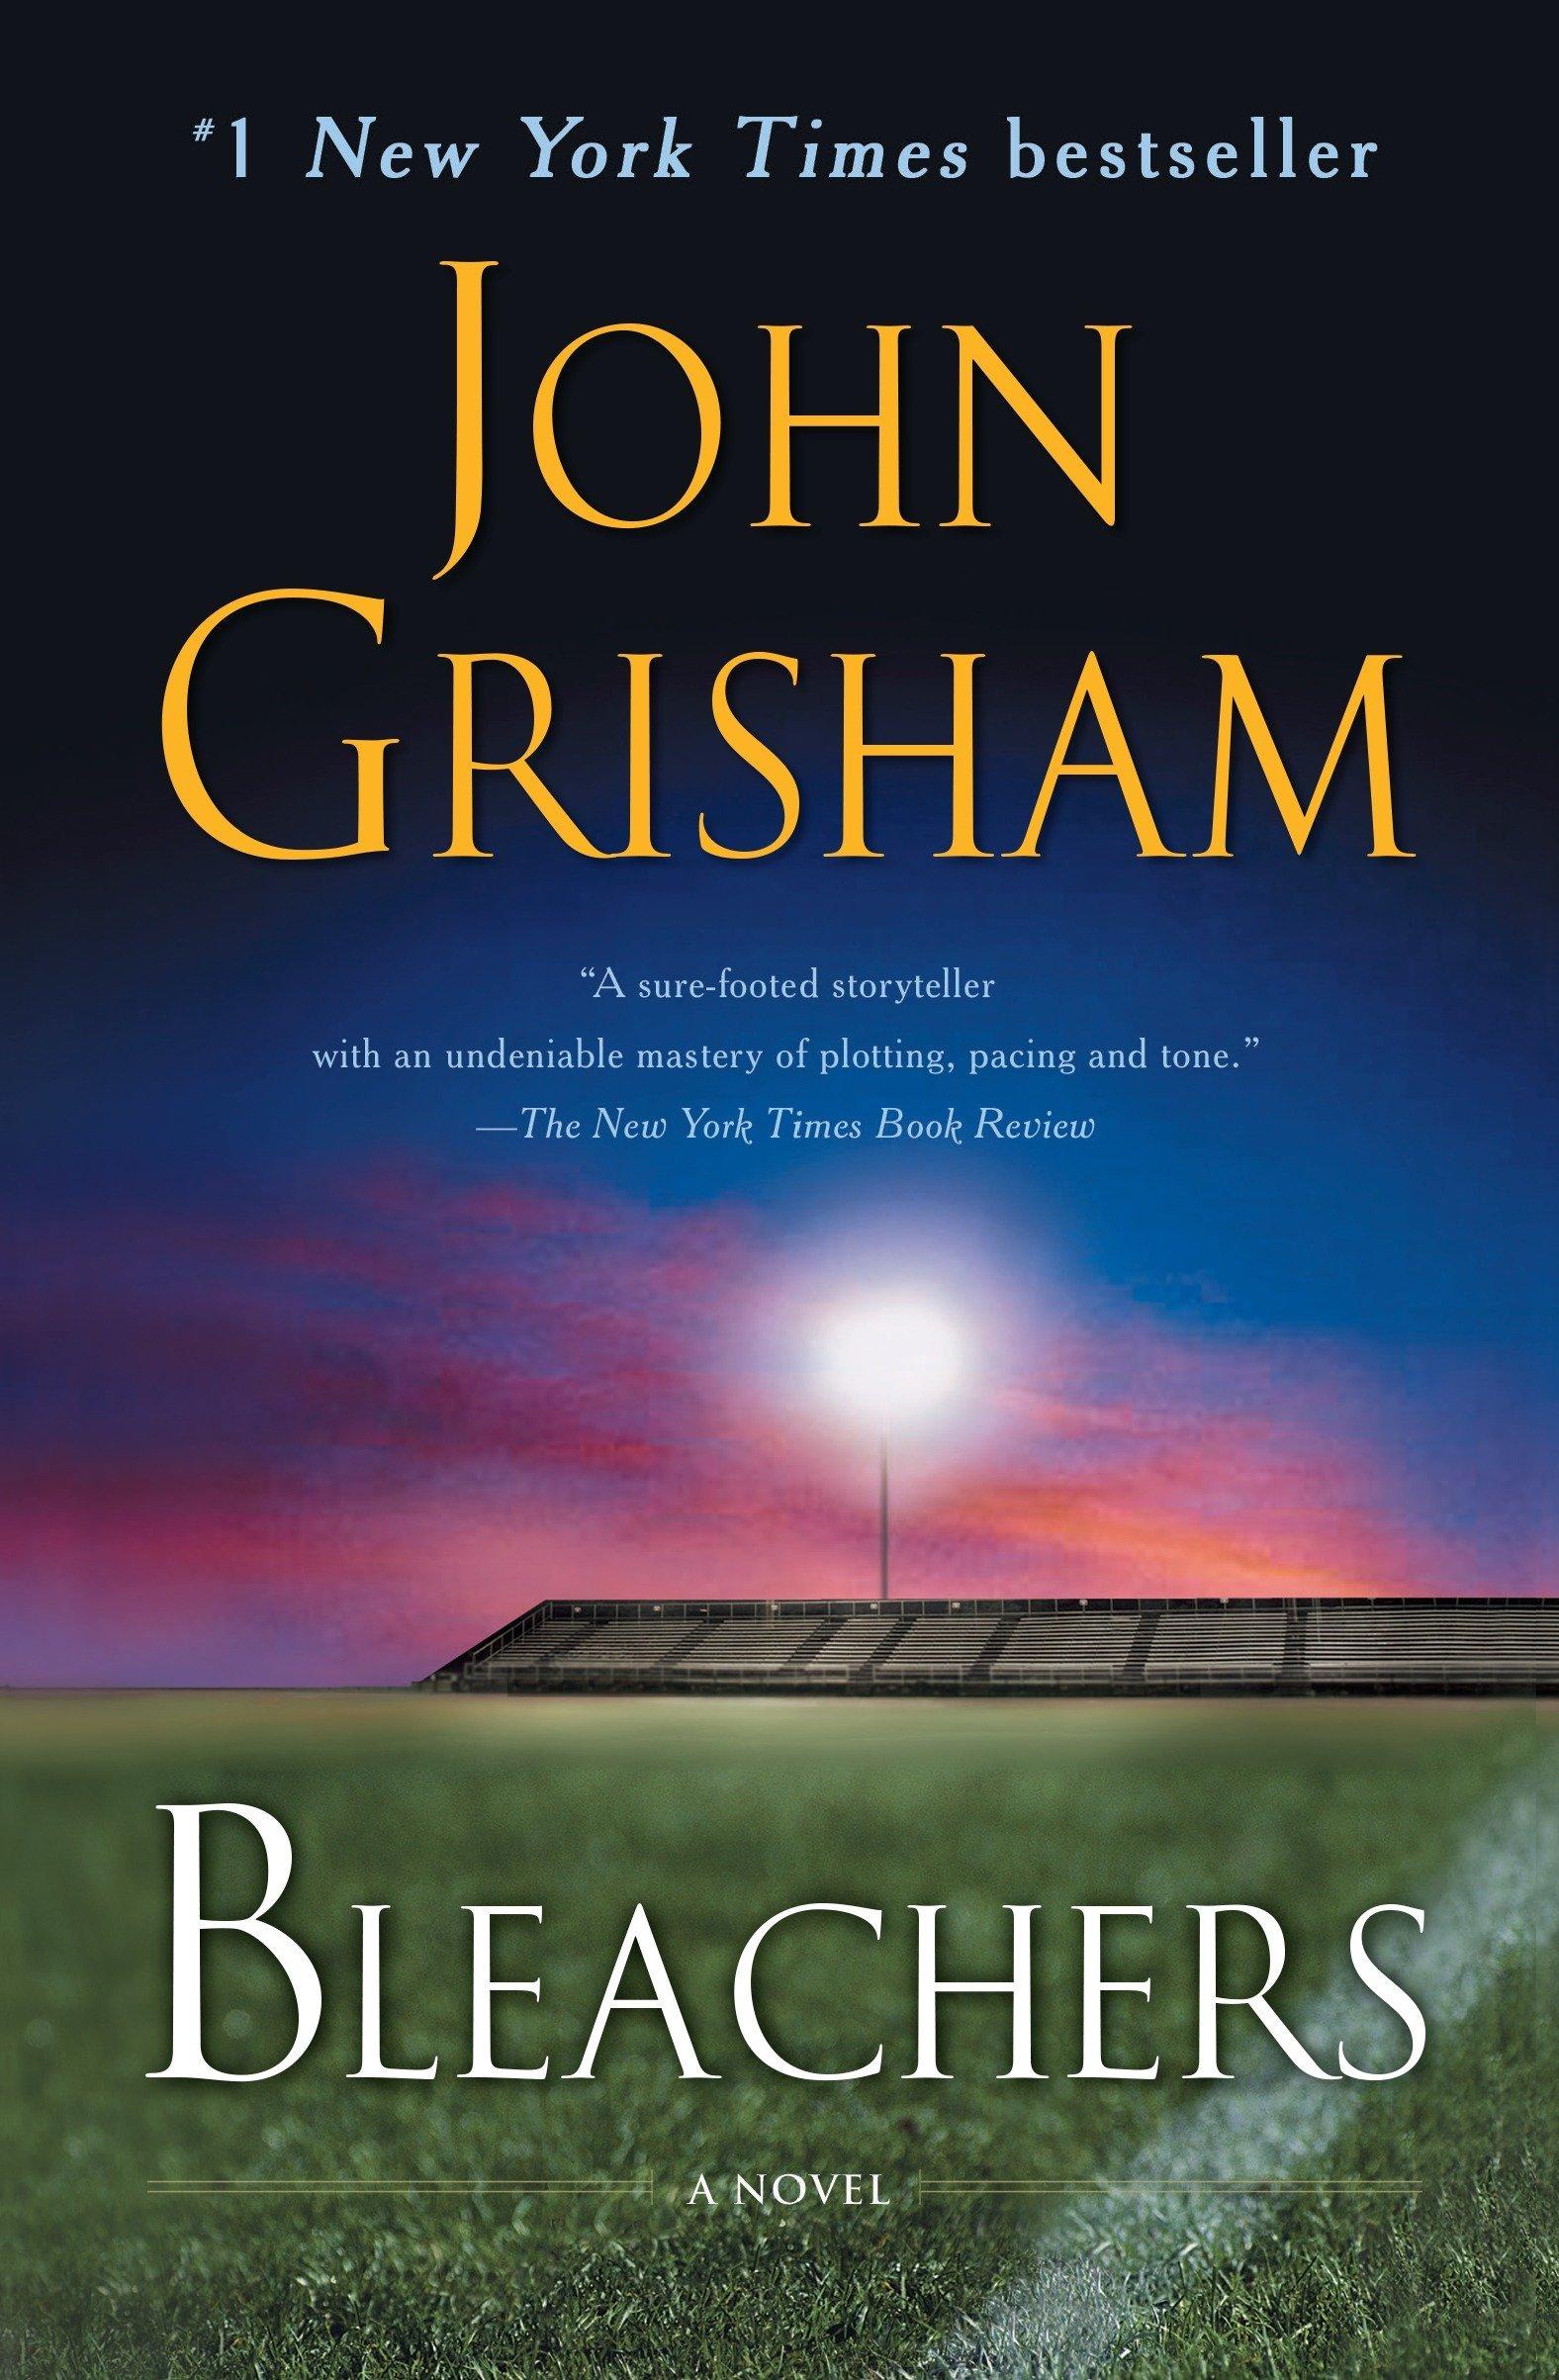 Bleachers: A Novel: Grisham, John: 9780385340878: Amazon.com: Books